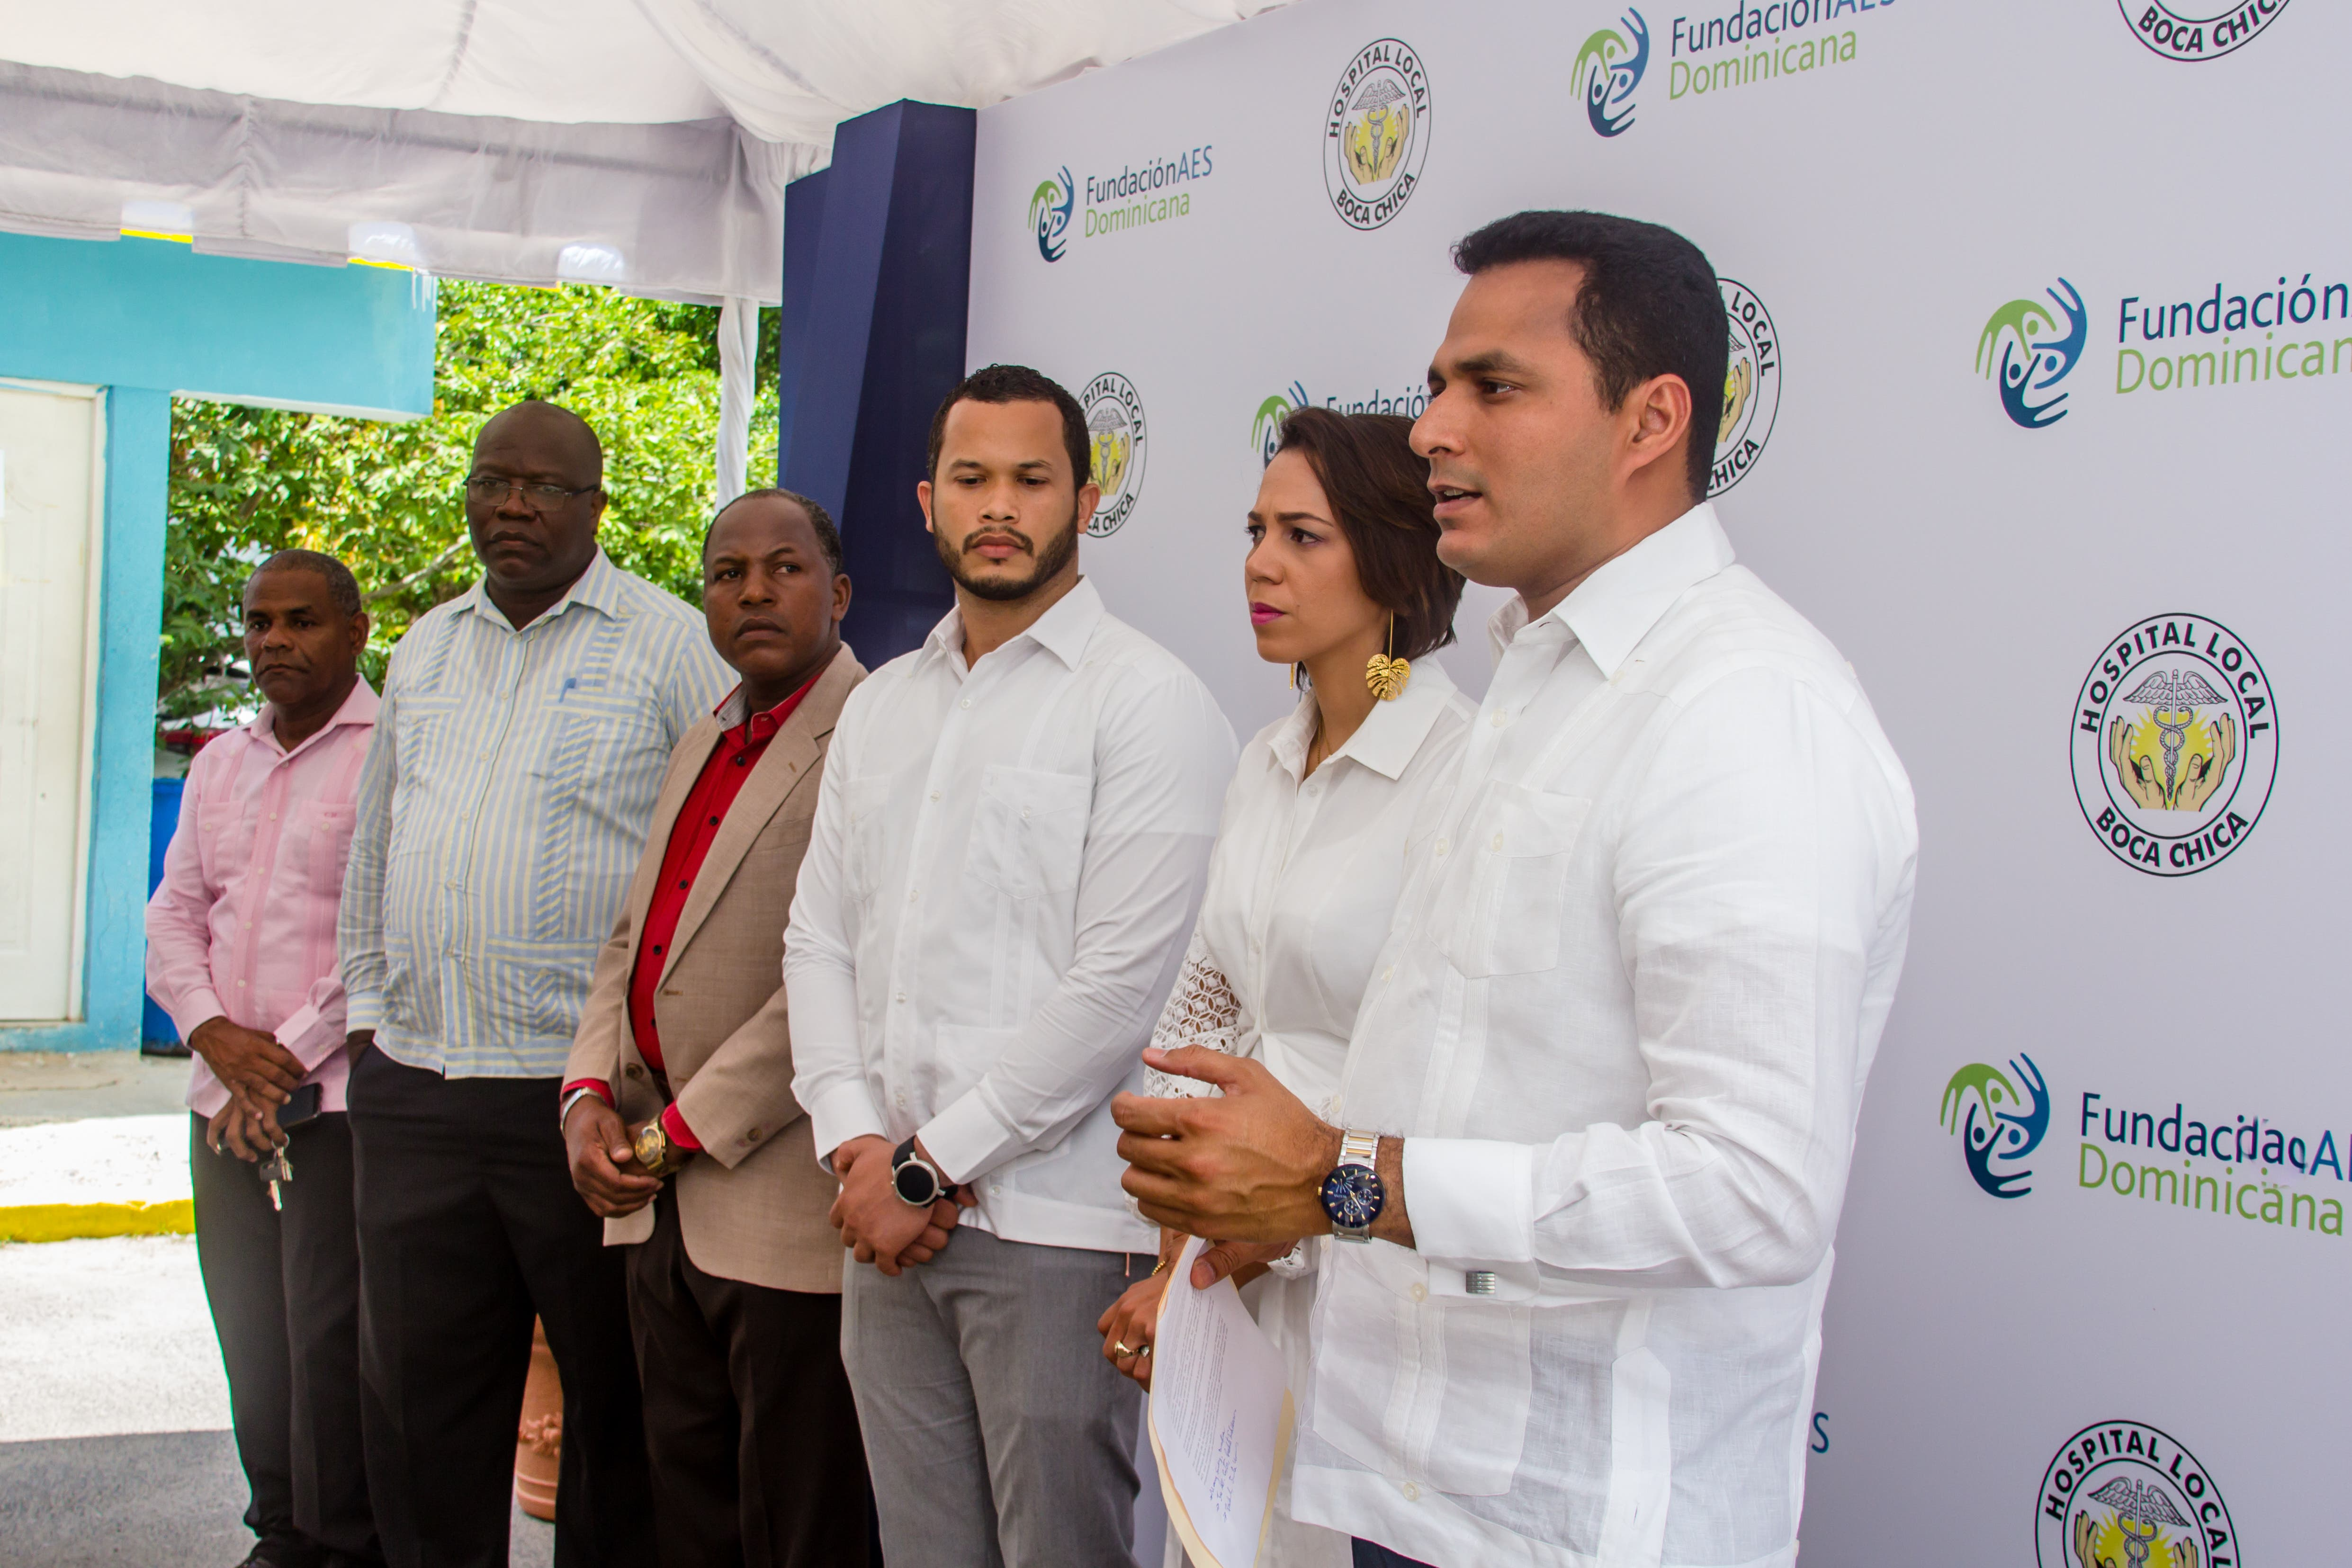 Fundación AES dona equipos y mobiliario al hospital de Boca Chica